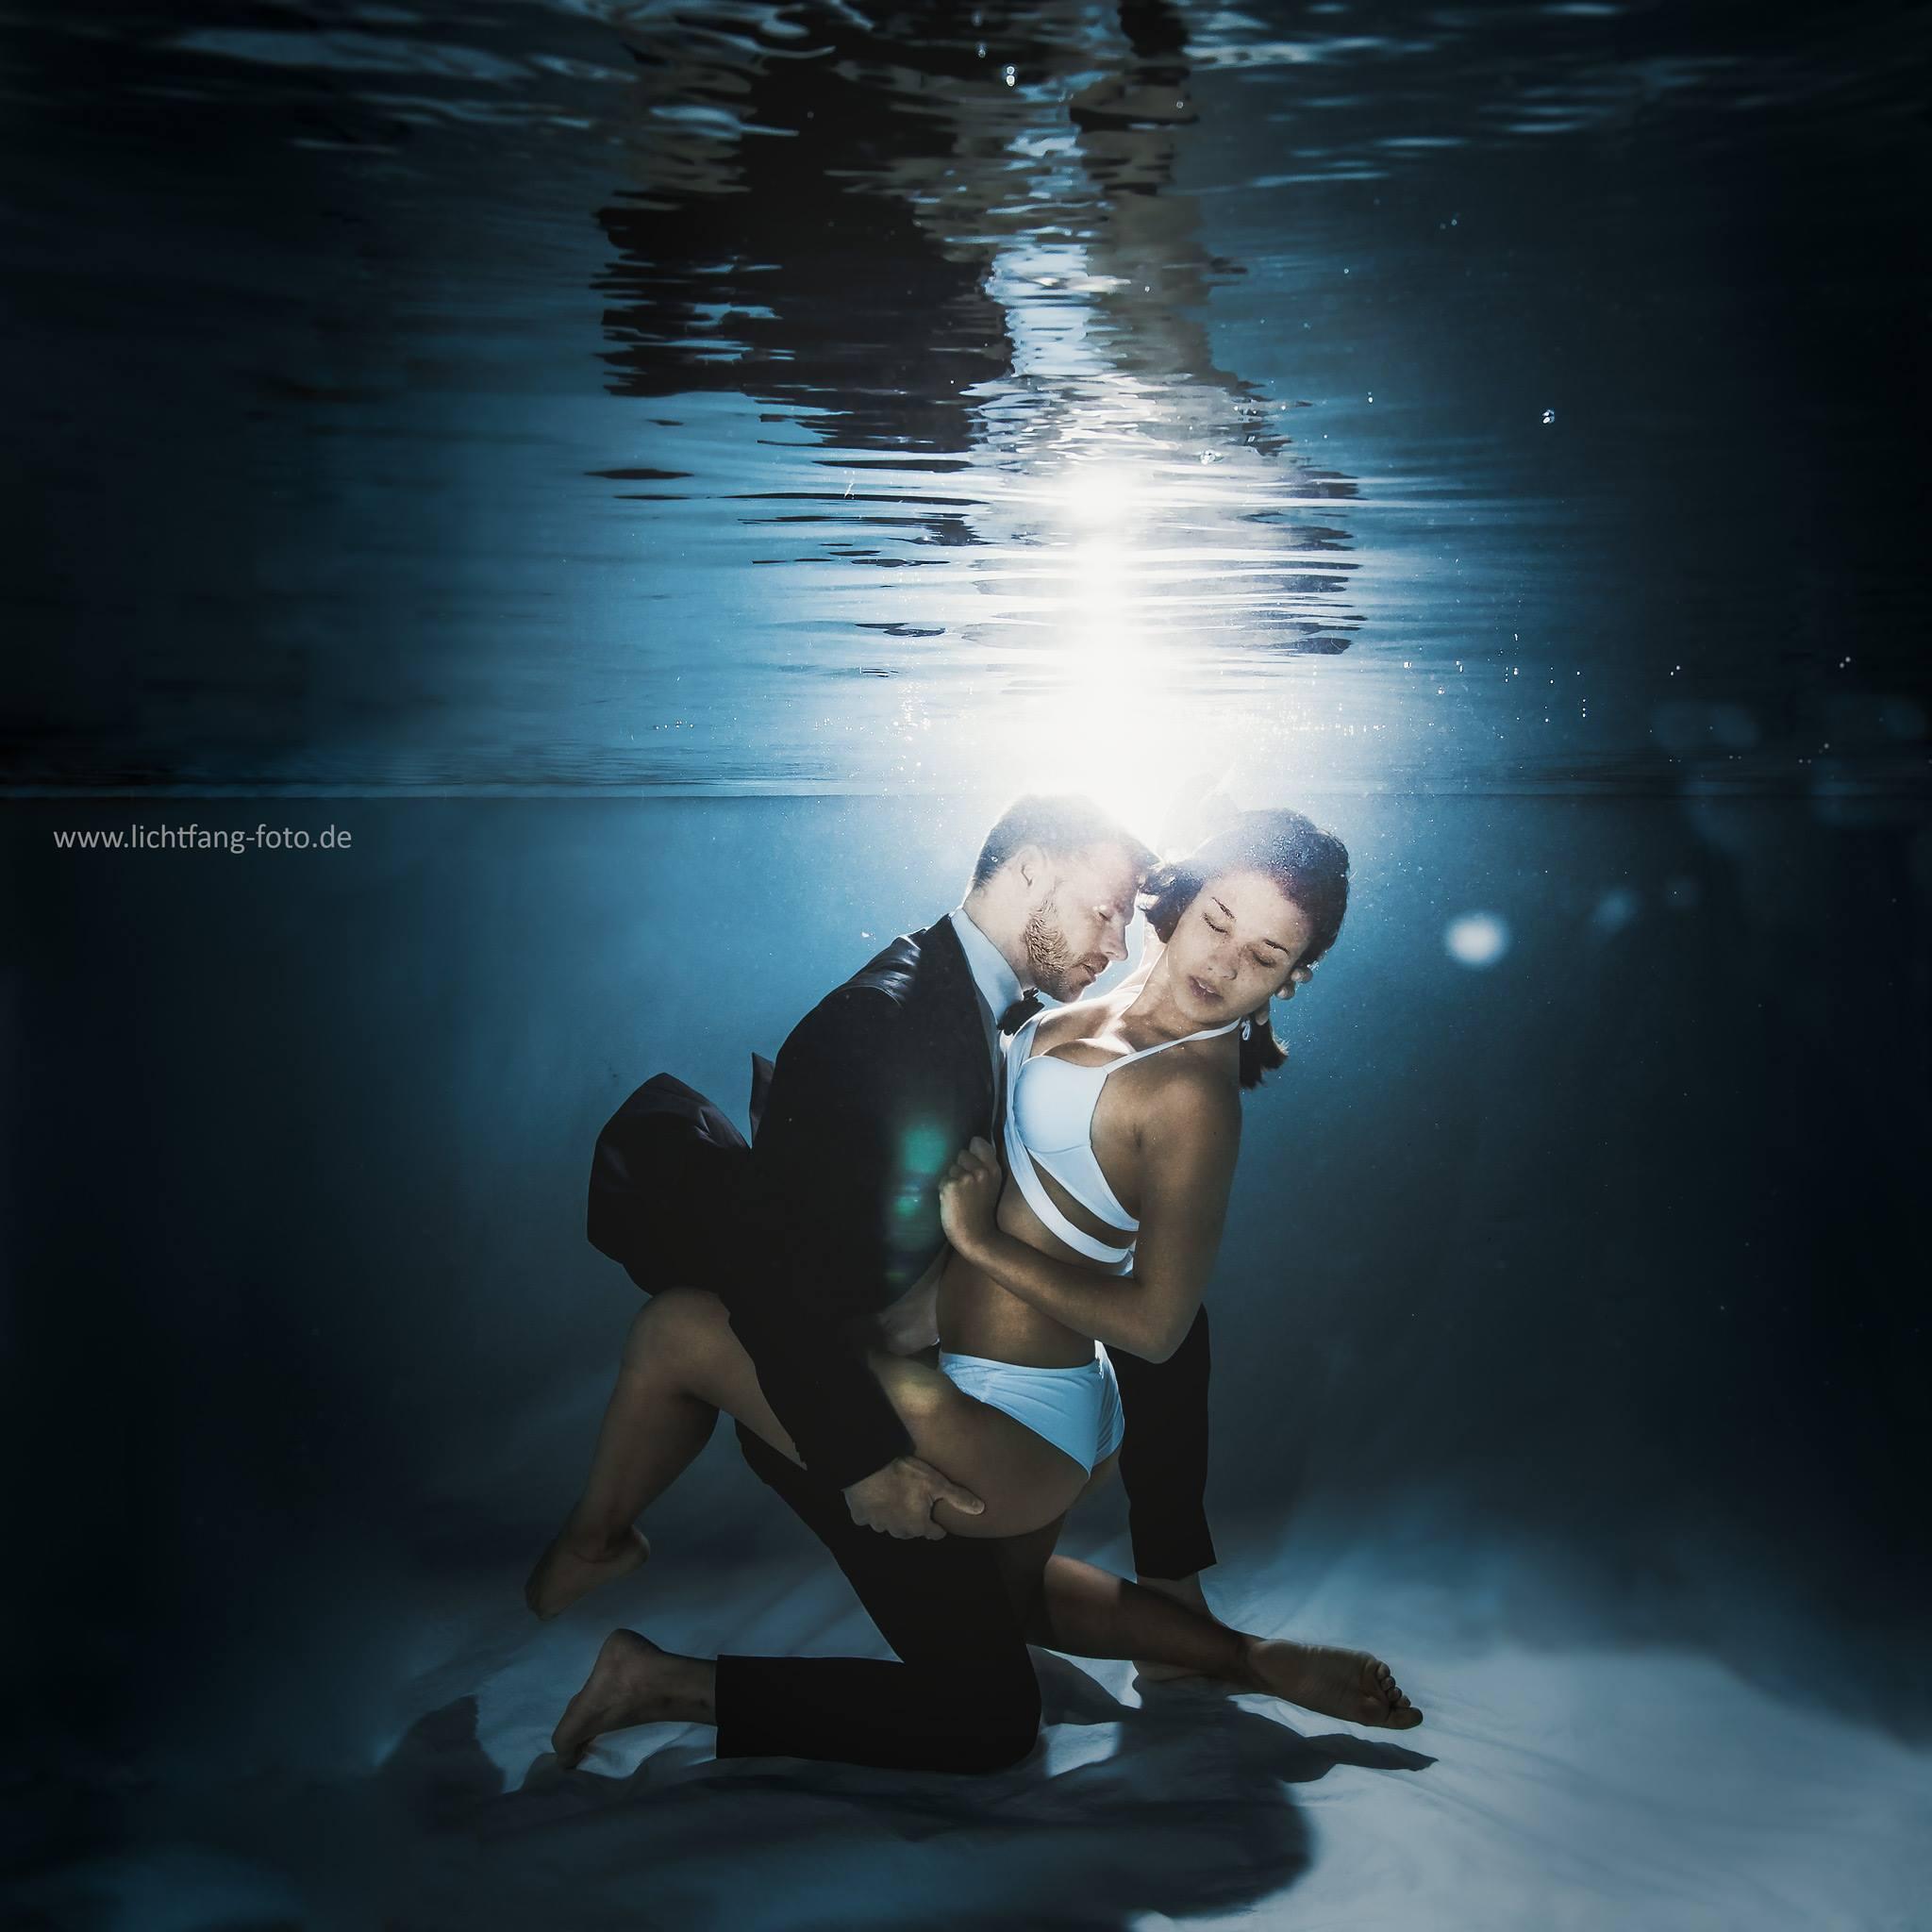 Unterwasser - After Wedding - Lichtfang Fotografie